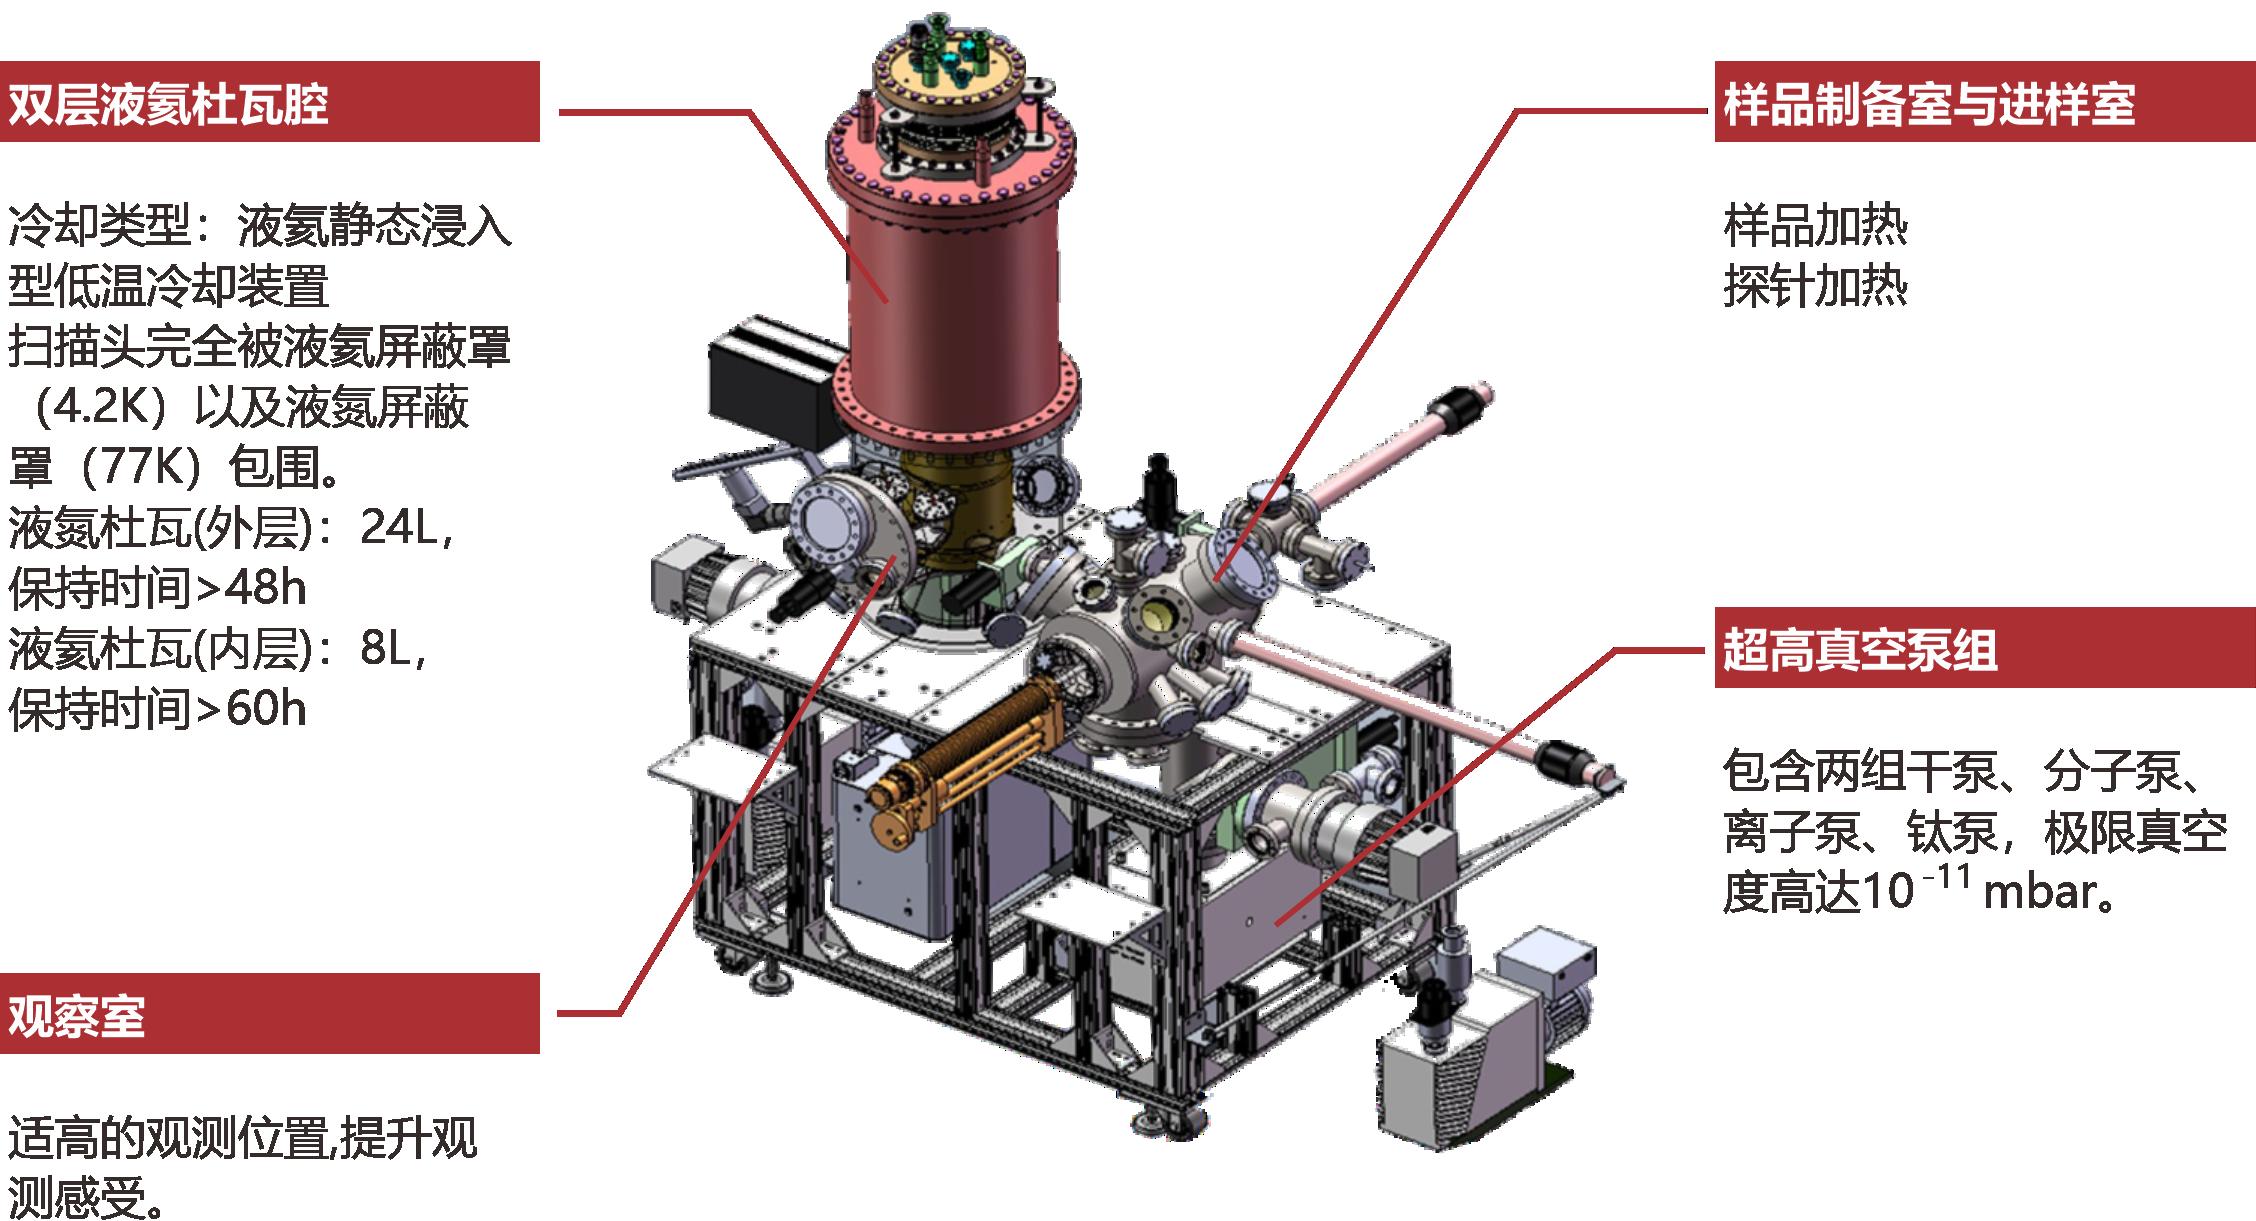 低温超高真空扫描隧道显微镜详细说明图